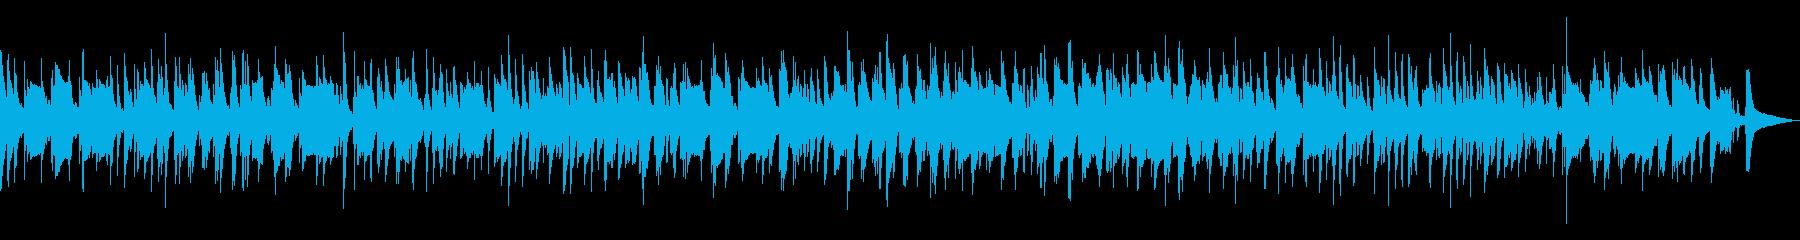 ピアノとベースのジャズラウンジバラードの再生済みの波形